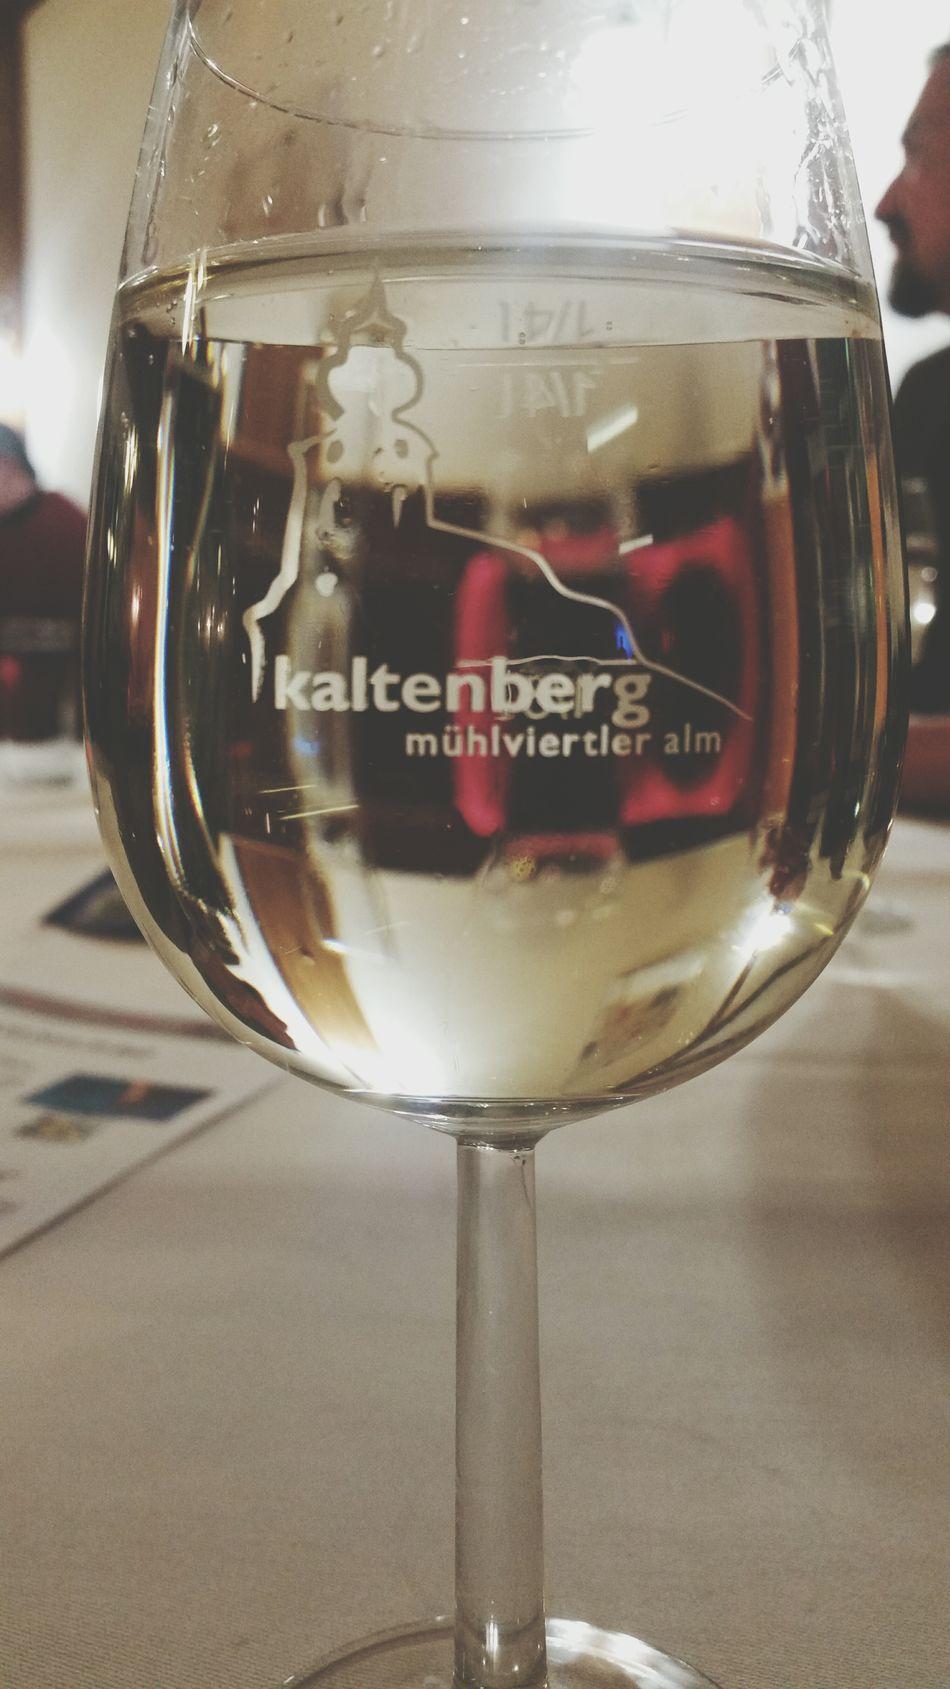 Feiner Wein Raise Your Glass Put Your Hands Up In The Air Taking Photos Gutes Tröpfchen Happy New Year Ff Ball Kaltenberg Kaltenberger Hof Feiern Ein Hoch Auf Uns Have A Nice Day♥ Oberösterreich Fun Nightlife Feeling Good Tracht